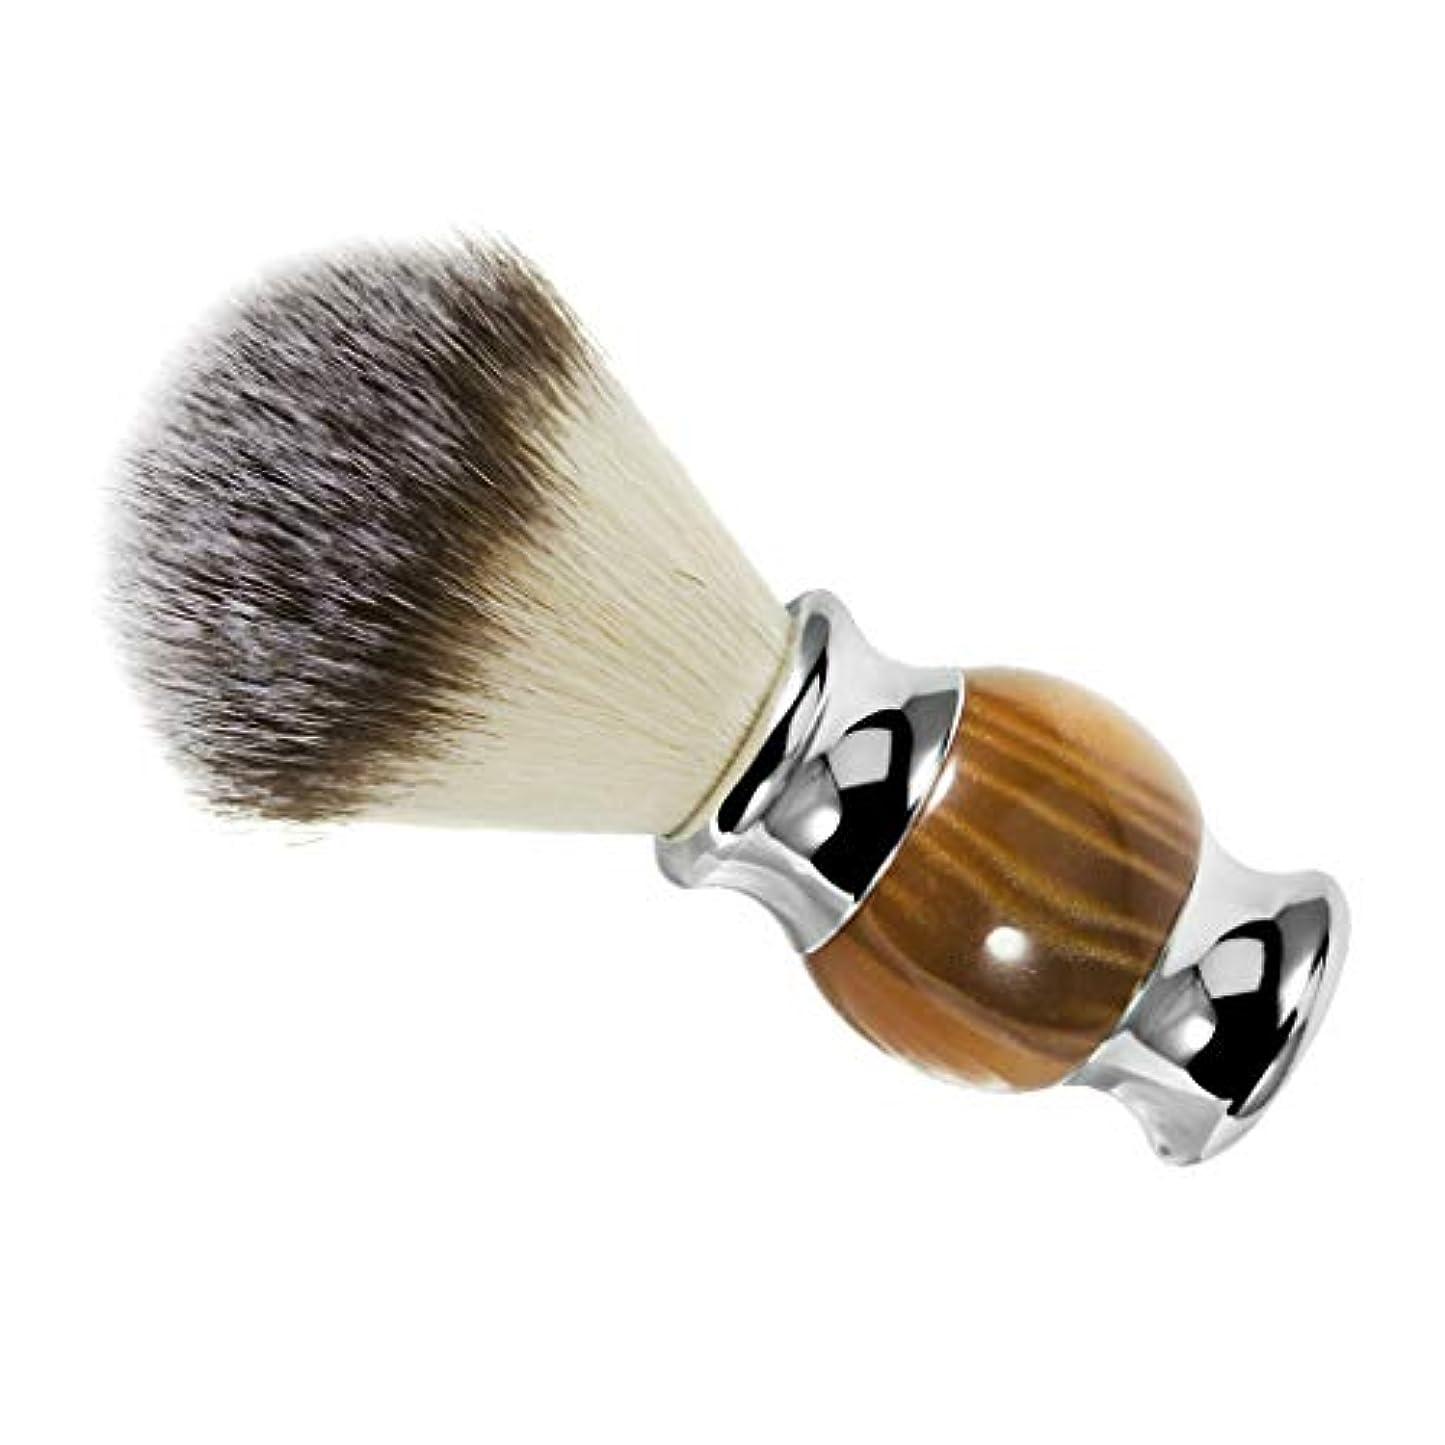 無視する装置入浴dailymall シェービングブラシ メンズ 口ひげブラシ ひげ剃りブラシ バーバーサロン 家庭用